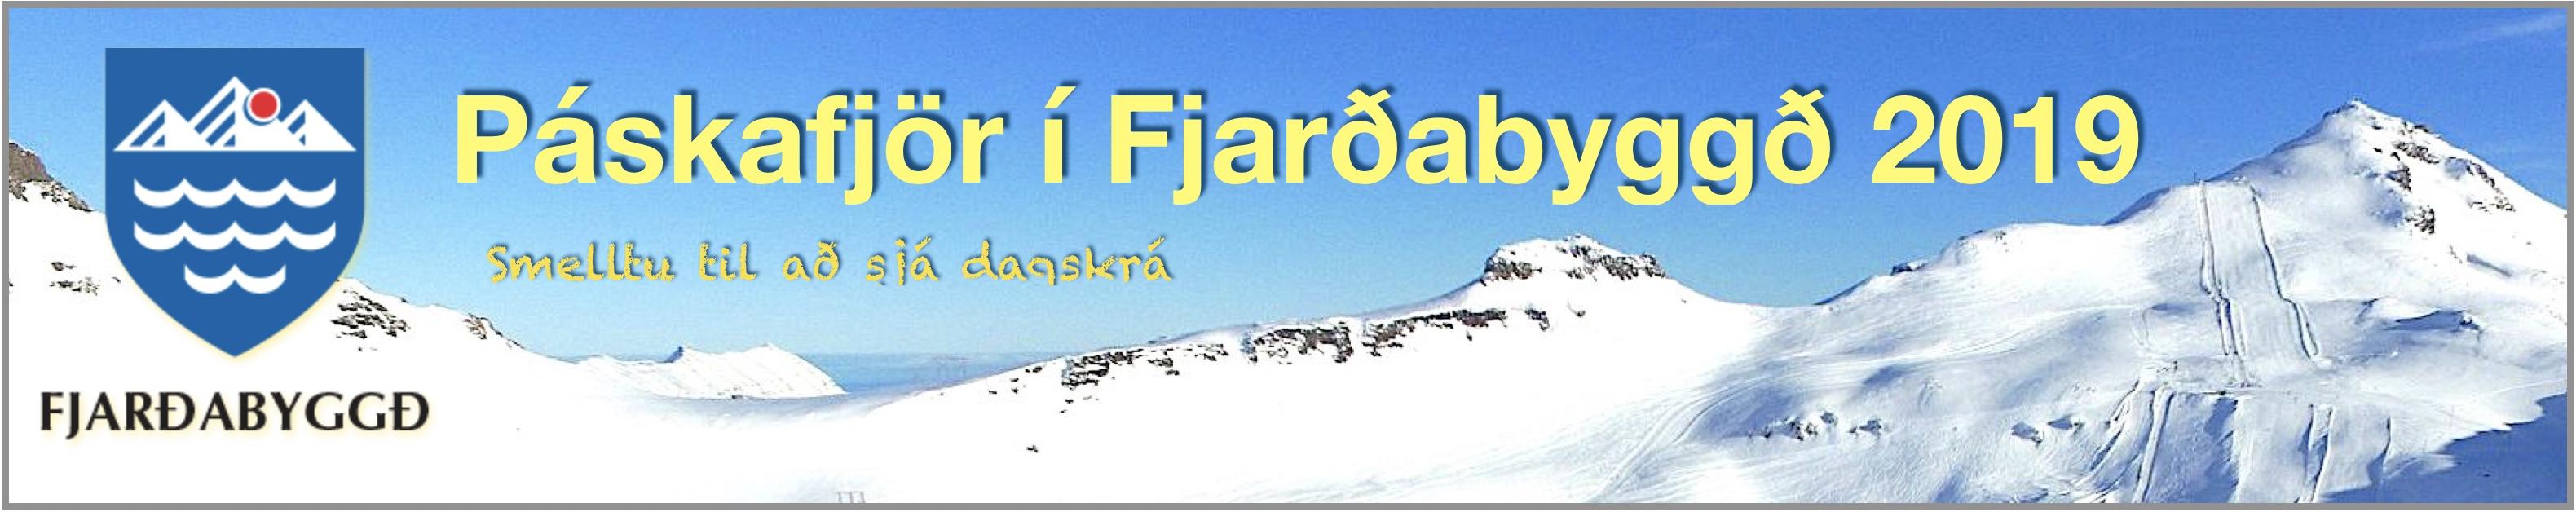 Páskafjör í Fjarðabyggð 2019